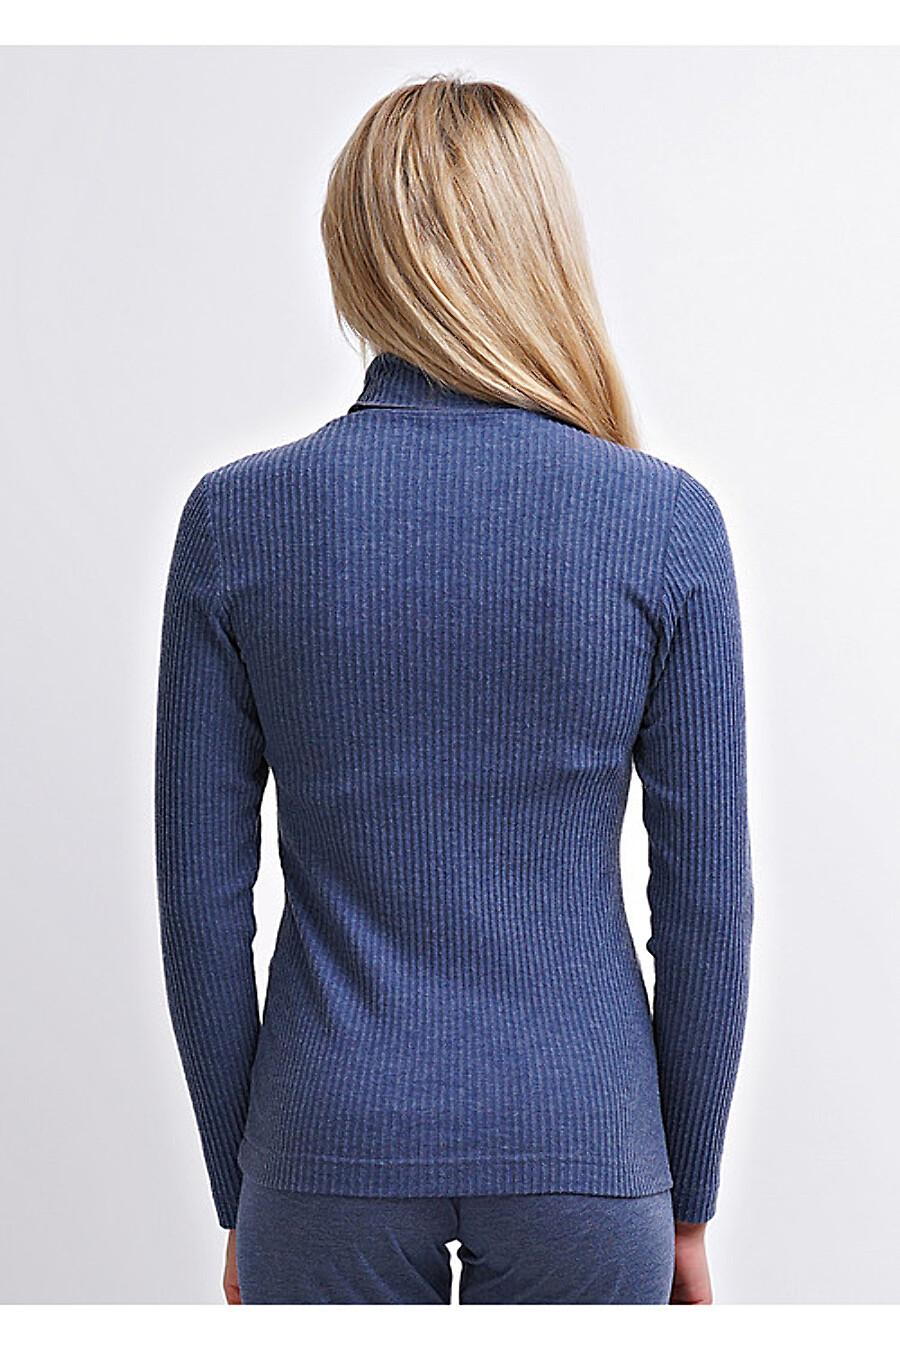 Водолазка для женщин CLEVER 155555 купить оптом от производителя. Совместная покупка женской одежды в OptMoyo